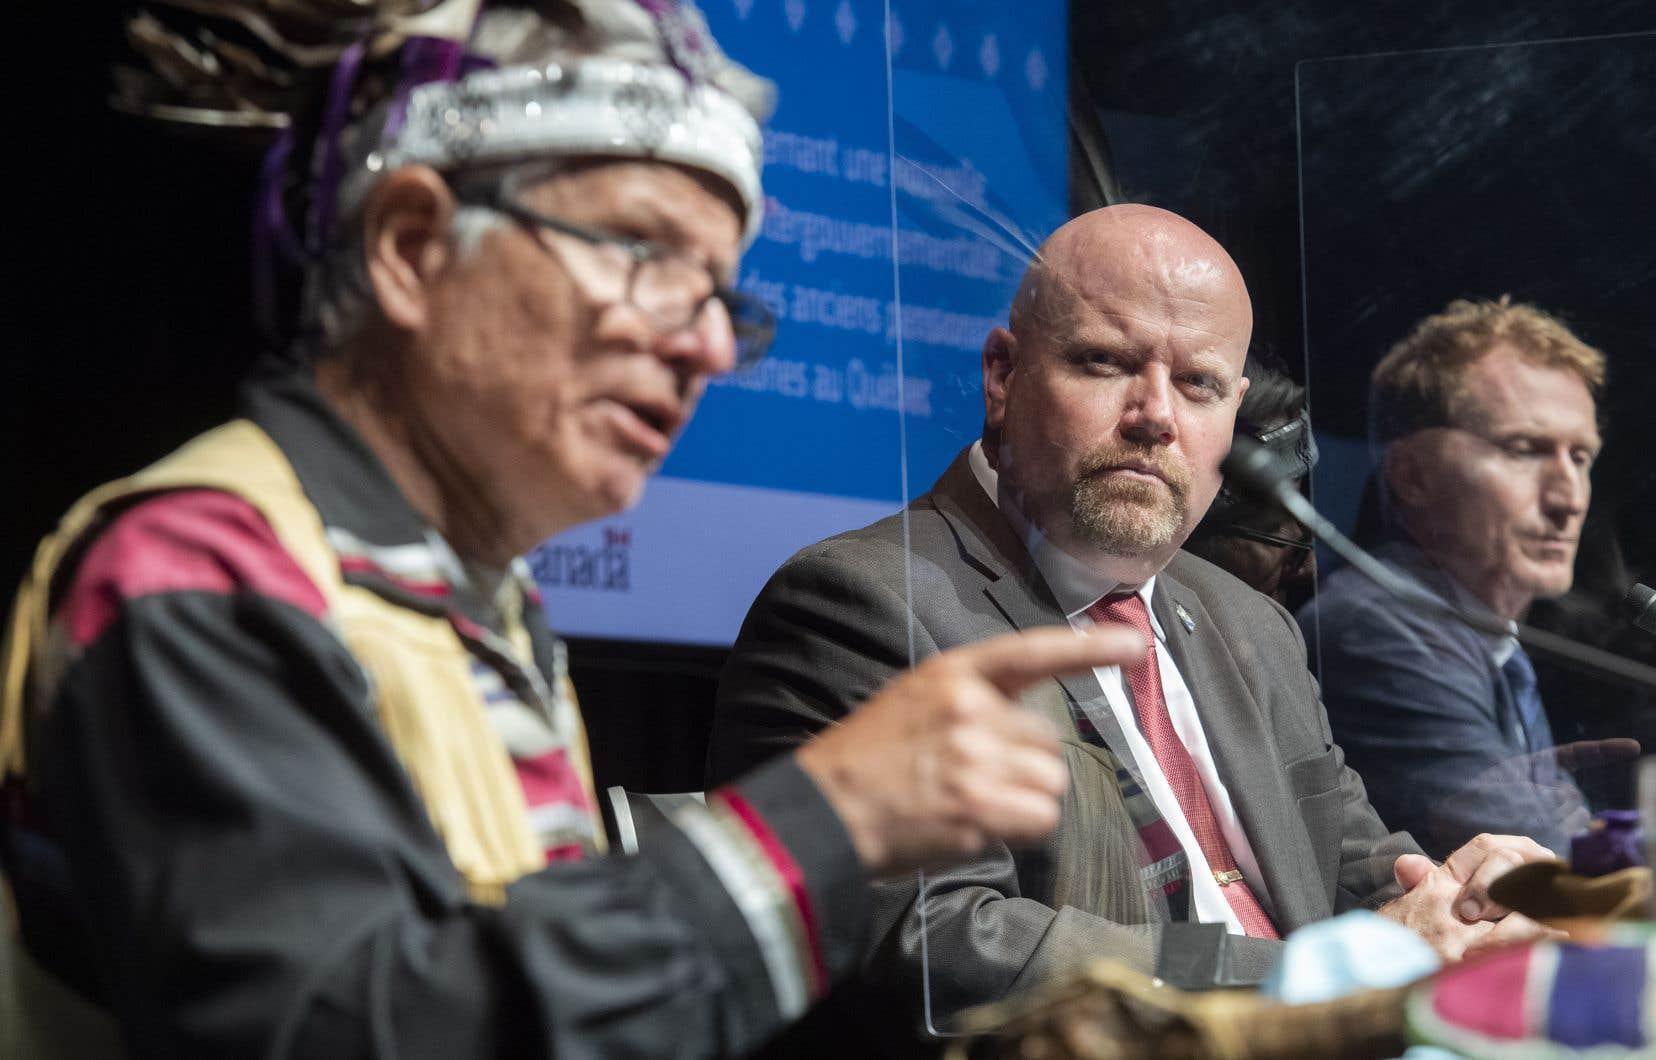 Le ministre responsable des Affaires autochtones au Québec, Ian Lafrenière, a fait cette annonce samedi au cours d'une conférence de presse en compagnie des ministres fédéraux Marc Miller et Carolyn Bennett.